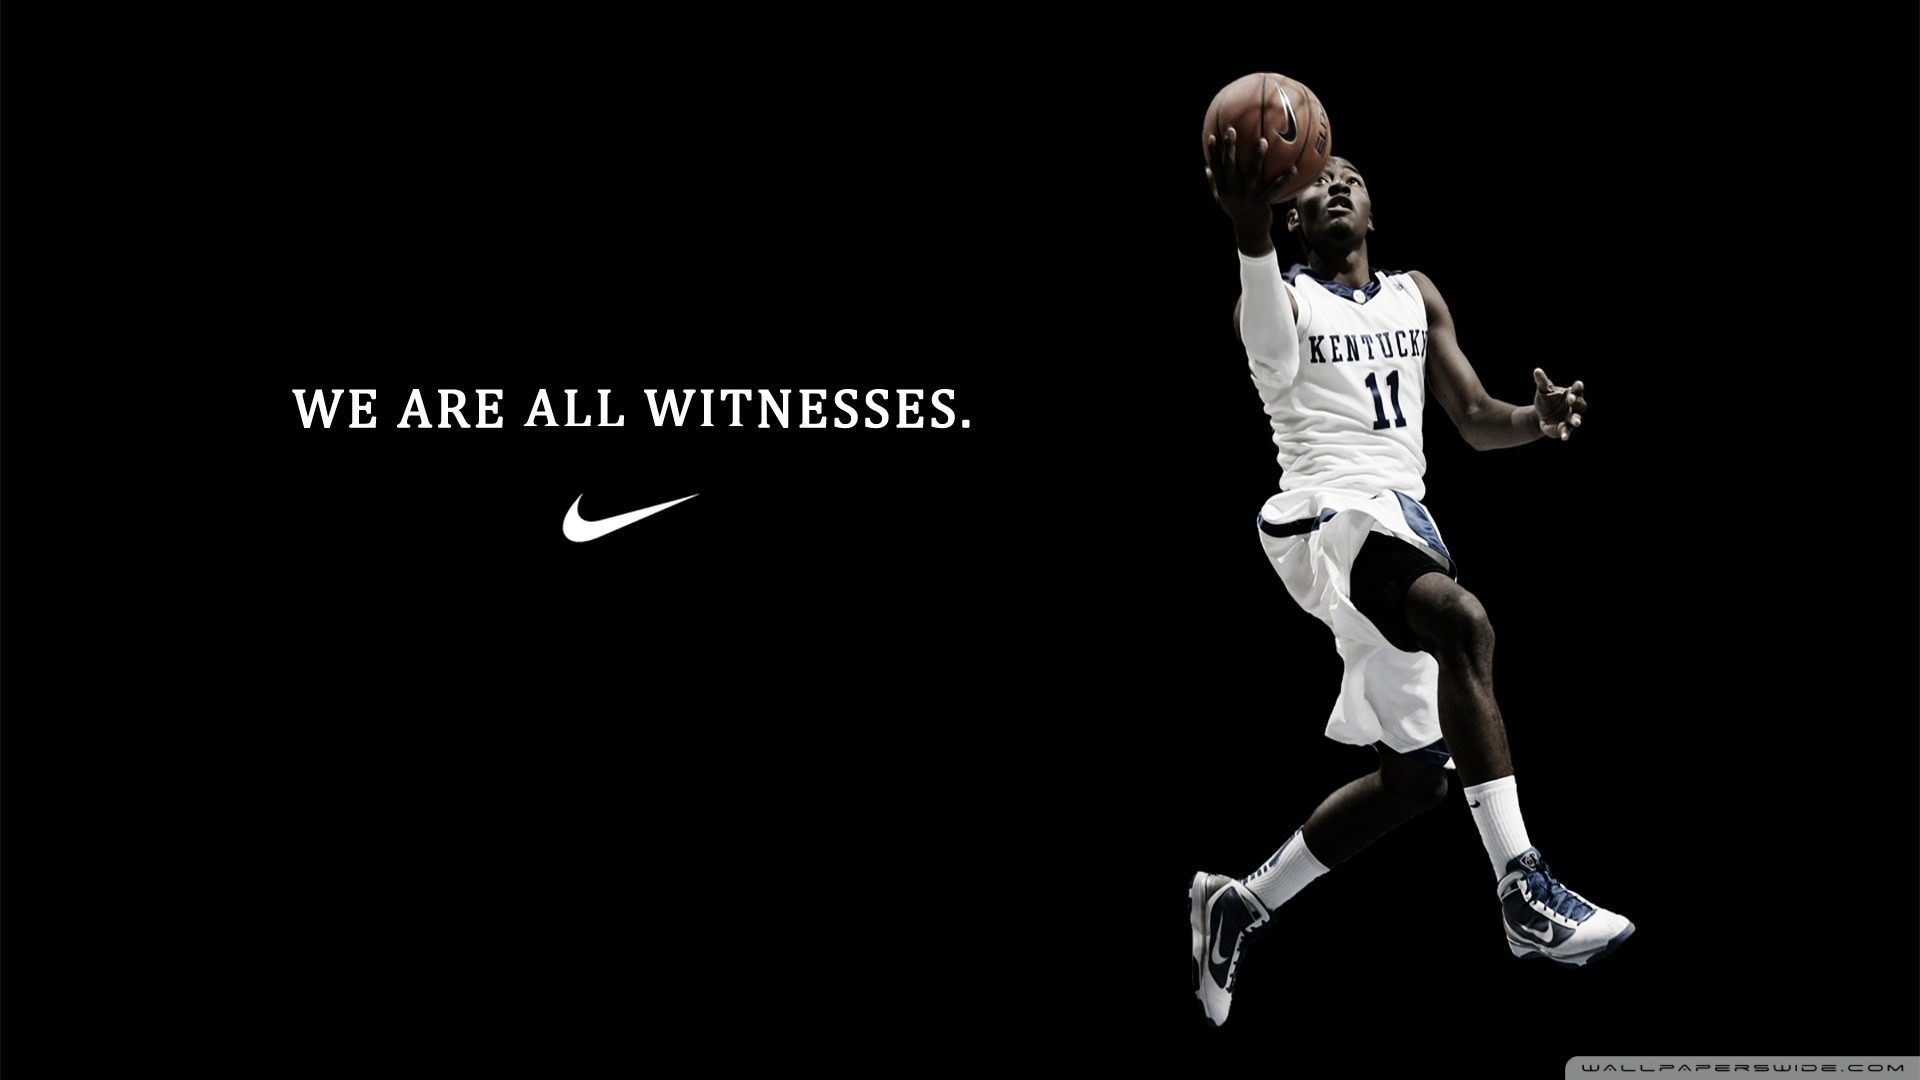 1080x1920 The 25+ best Basketball hd ideas on Pinterest | Basketball wallpaper hd, NBA and Basket nba